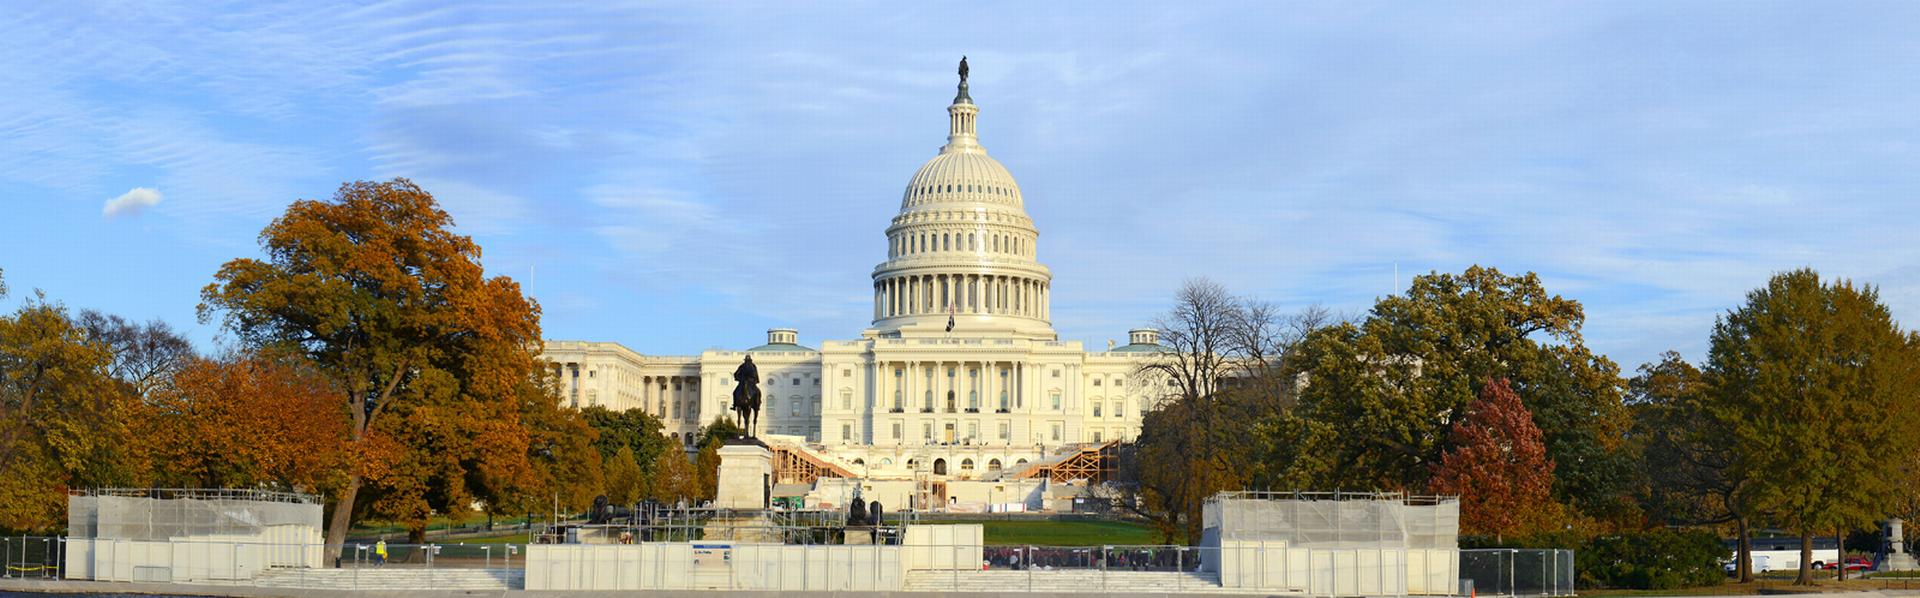 Le système politique américain [Robert Cicchetti - fotolia]